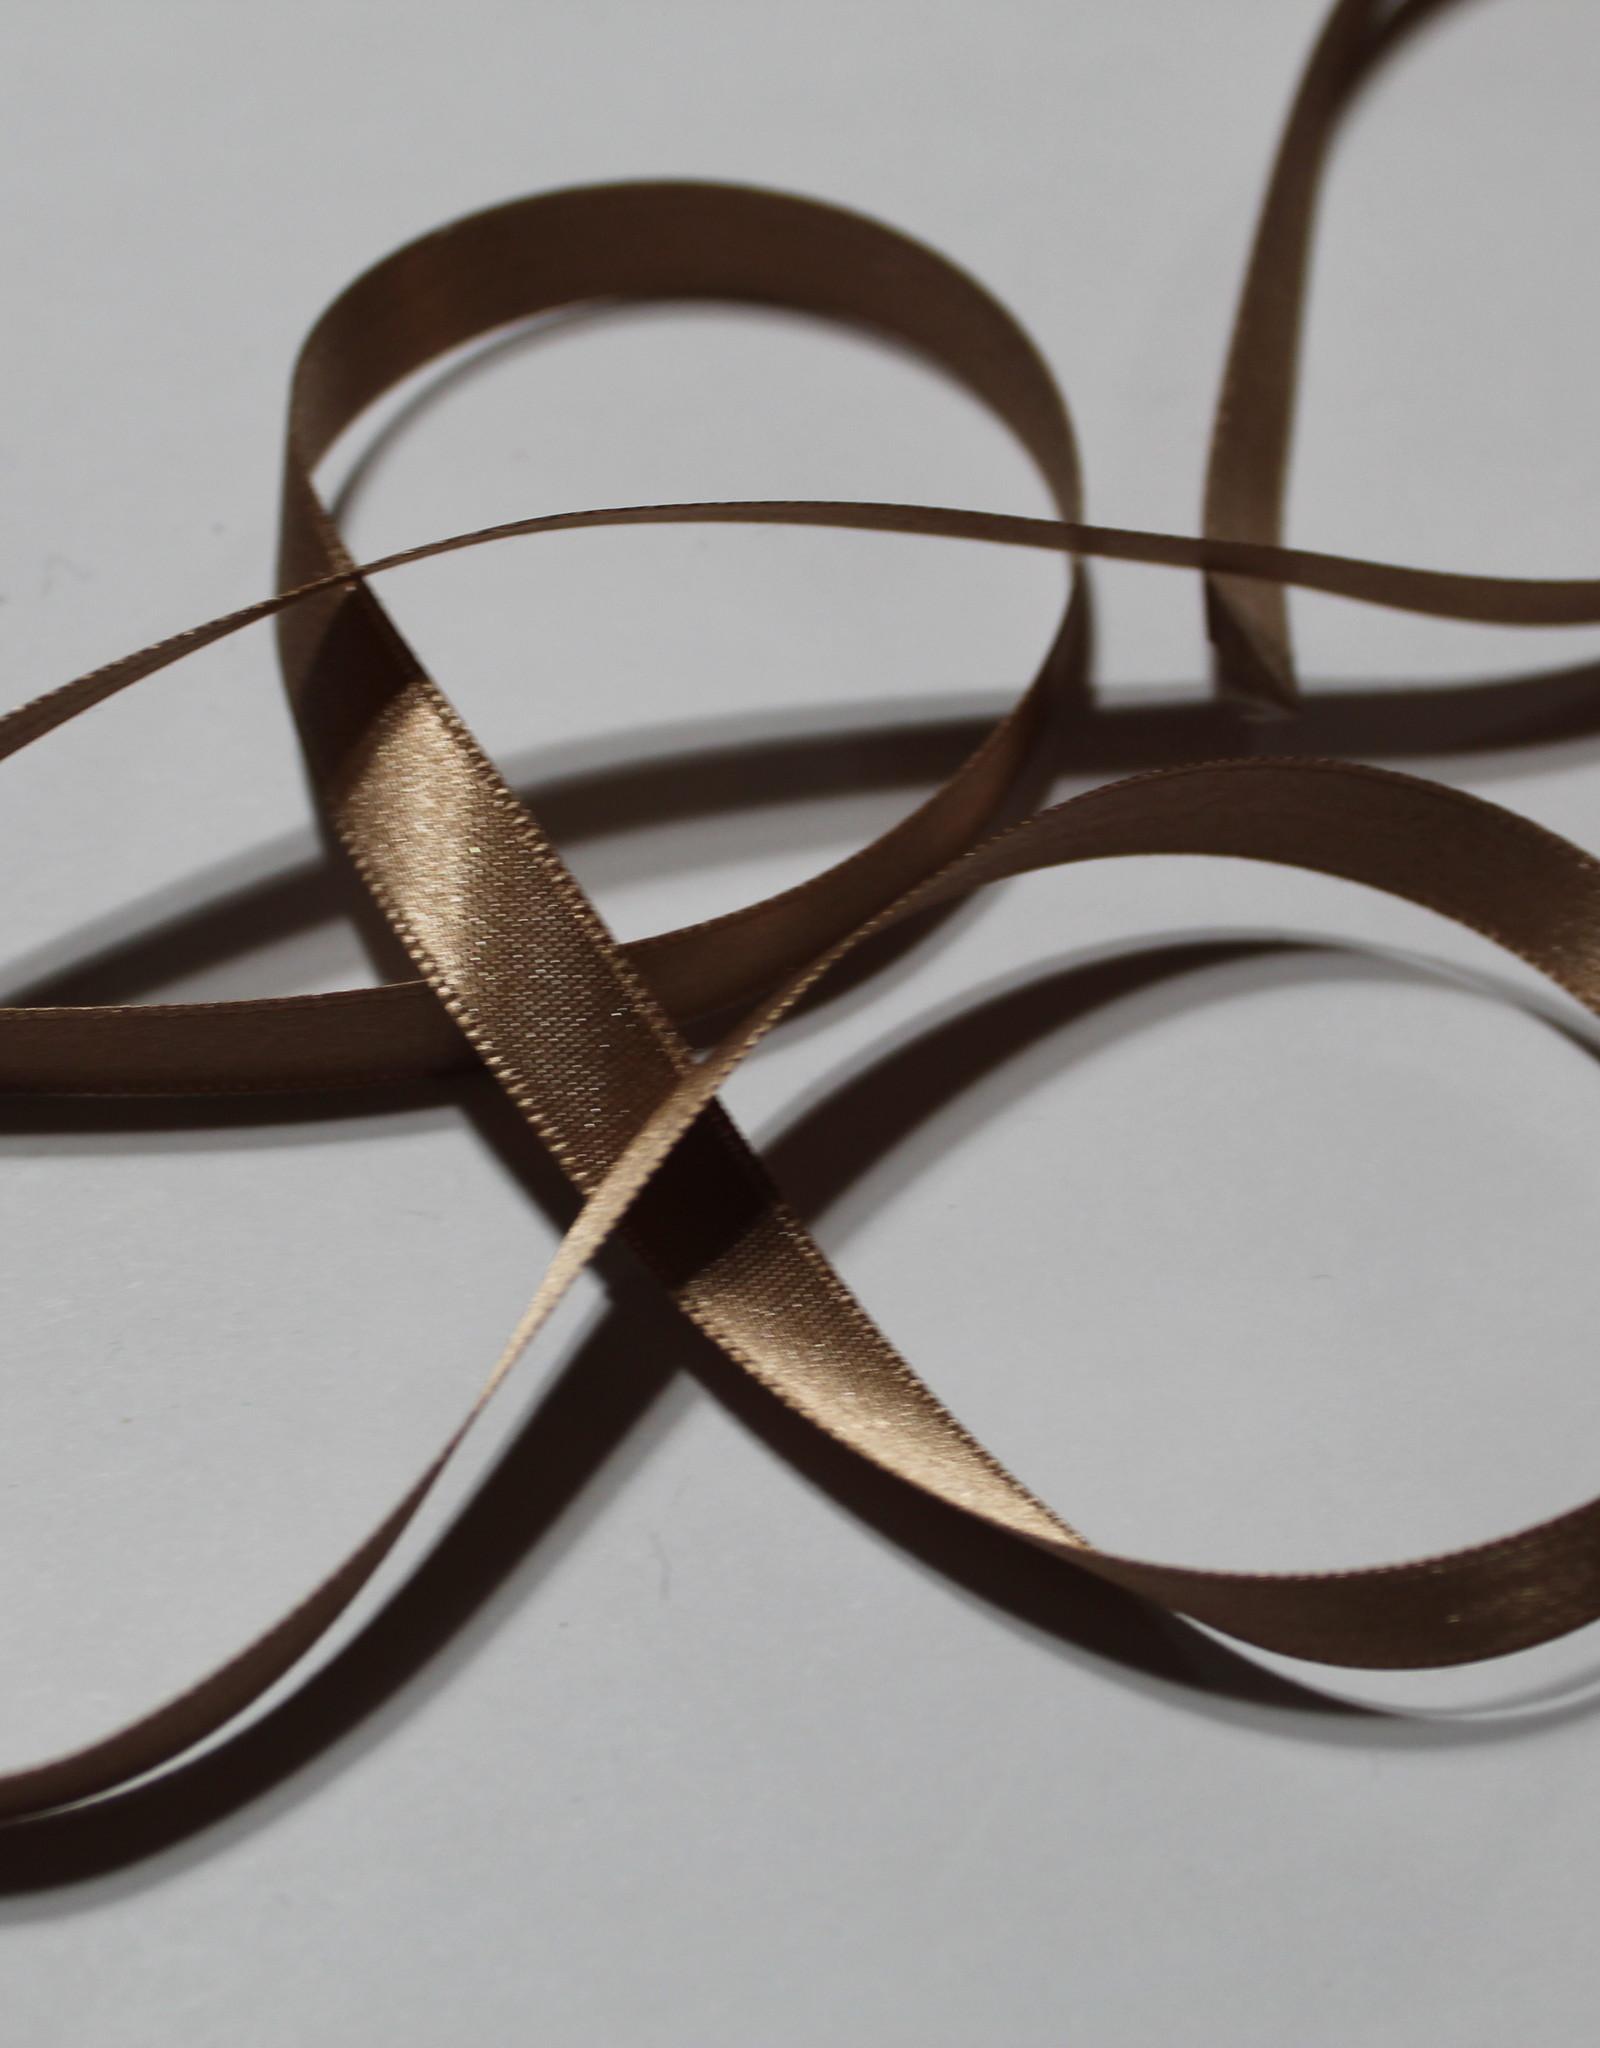 Dubbelzijdig satijnlint 10mm beige col.886